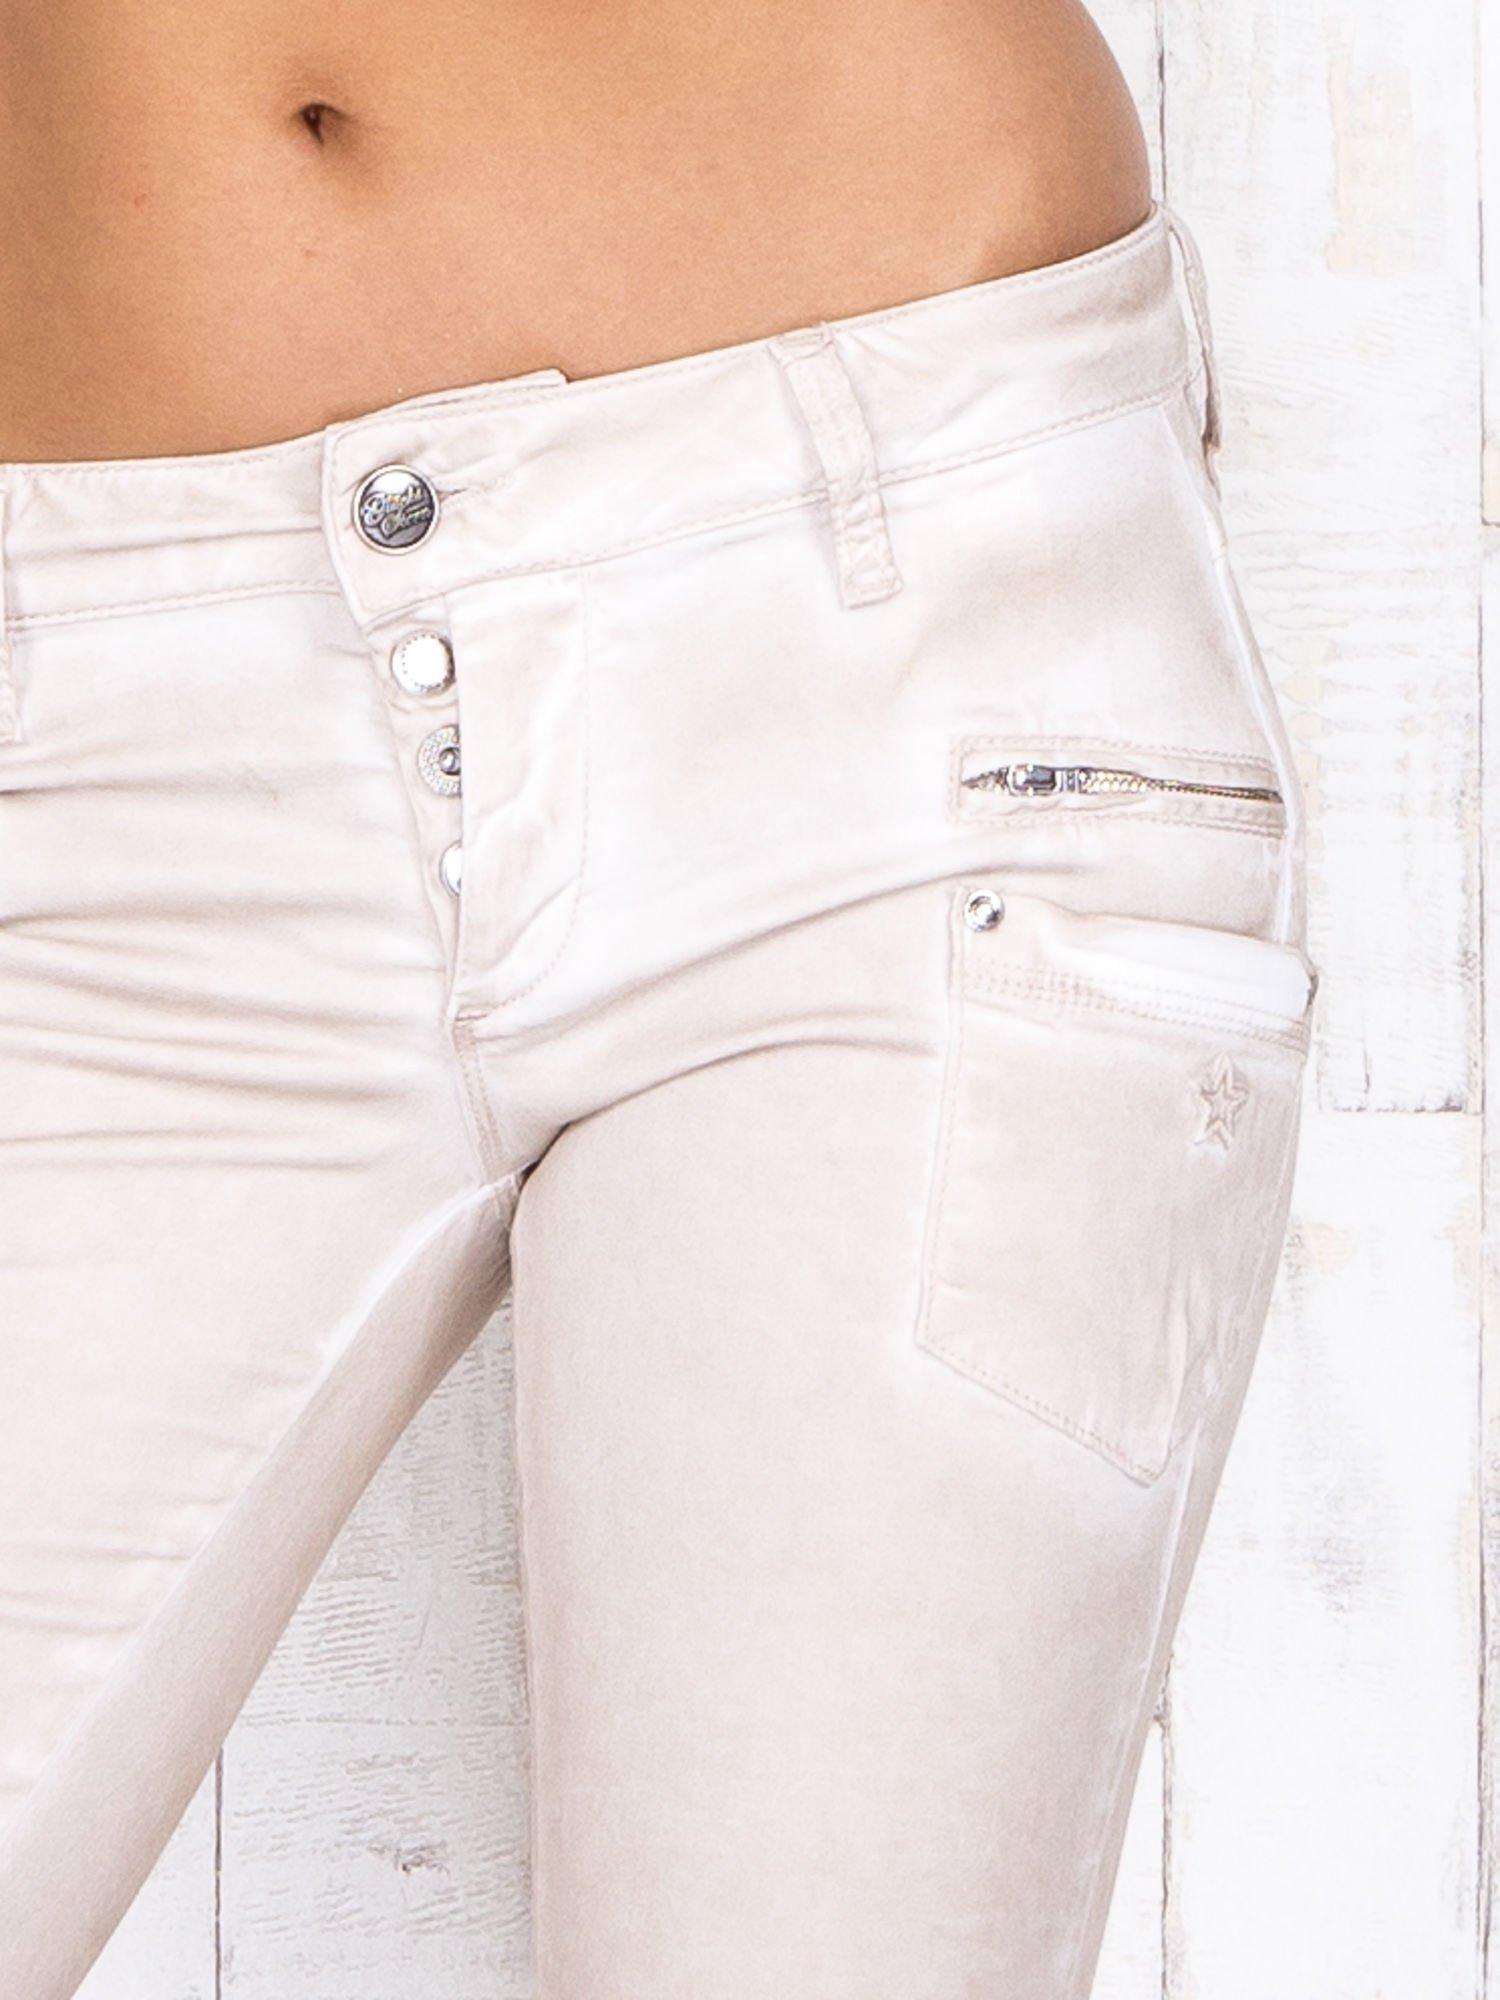 Kremowe materiałowe spodnie skinny z dekatyzacją i suwakami                                  zdj.                                  4